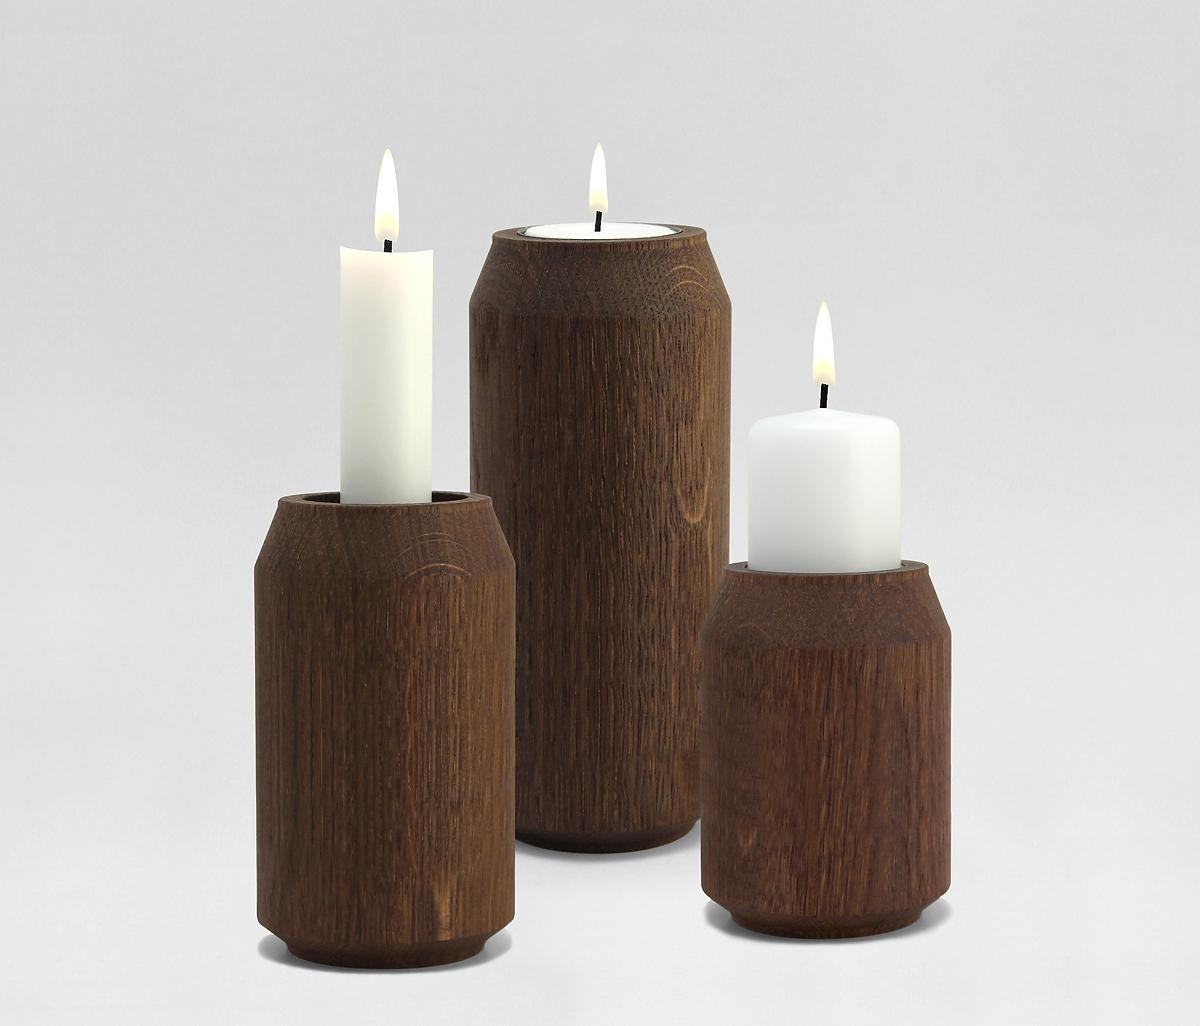 Novoform. Dansk design